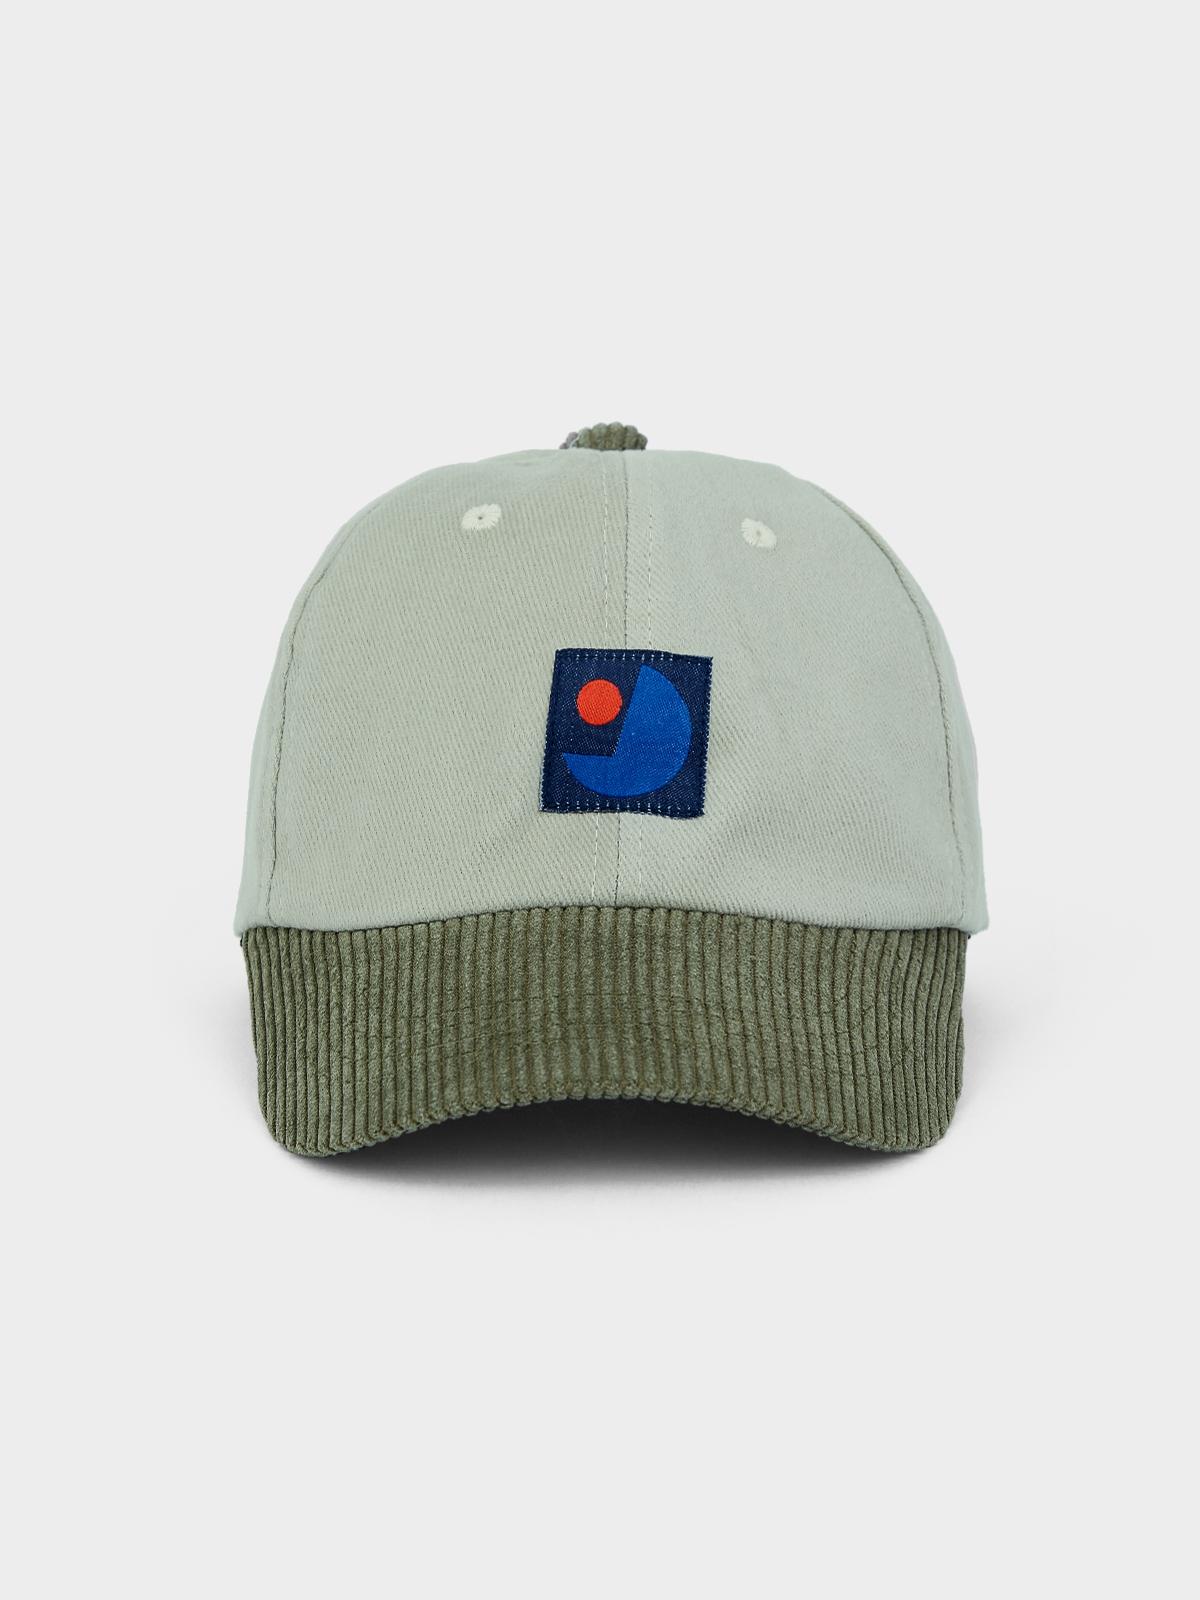 Japfac Cozy Cap Olive